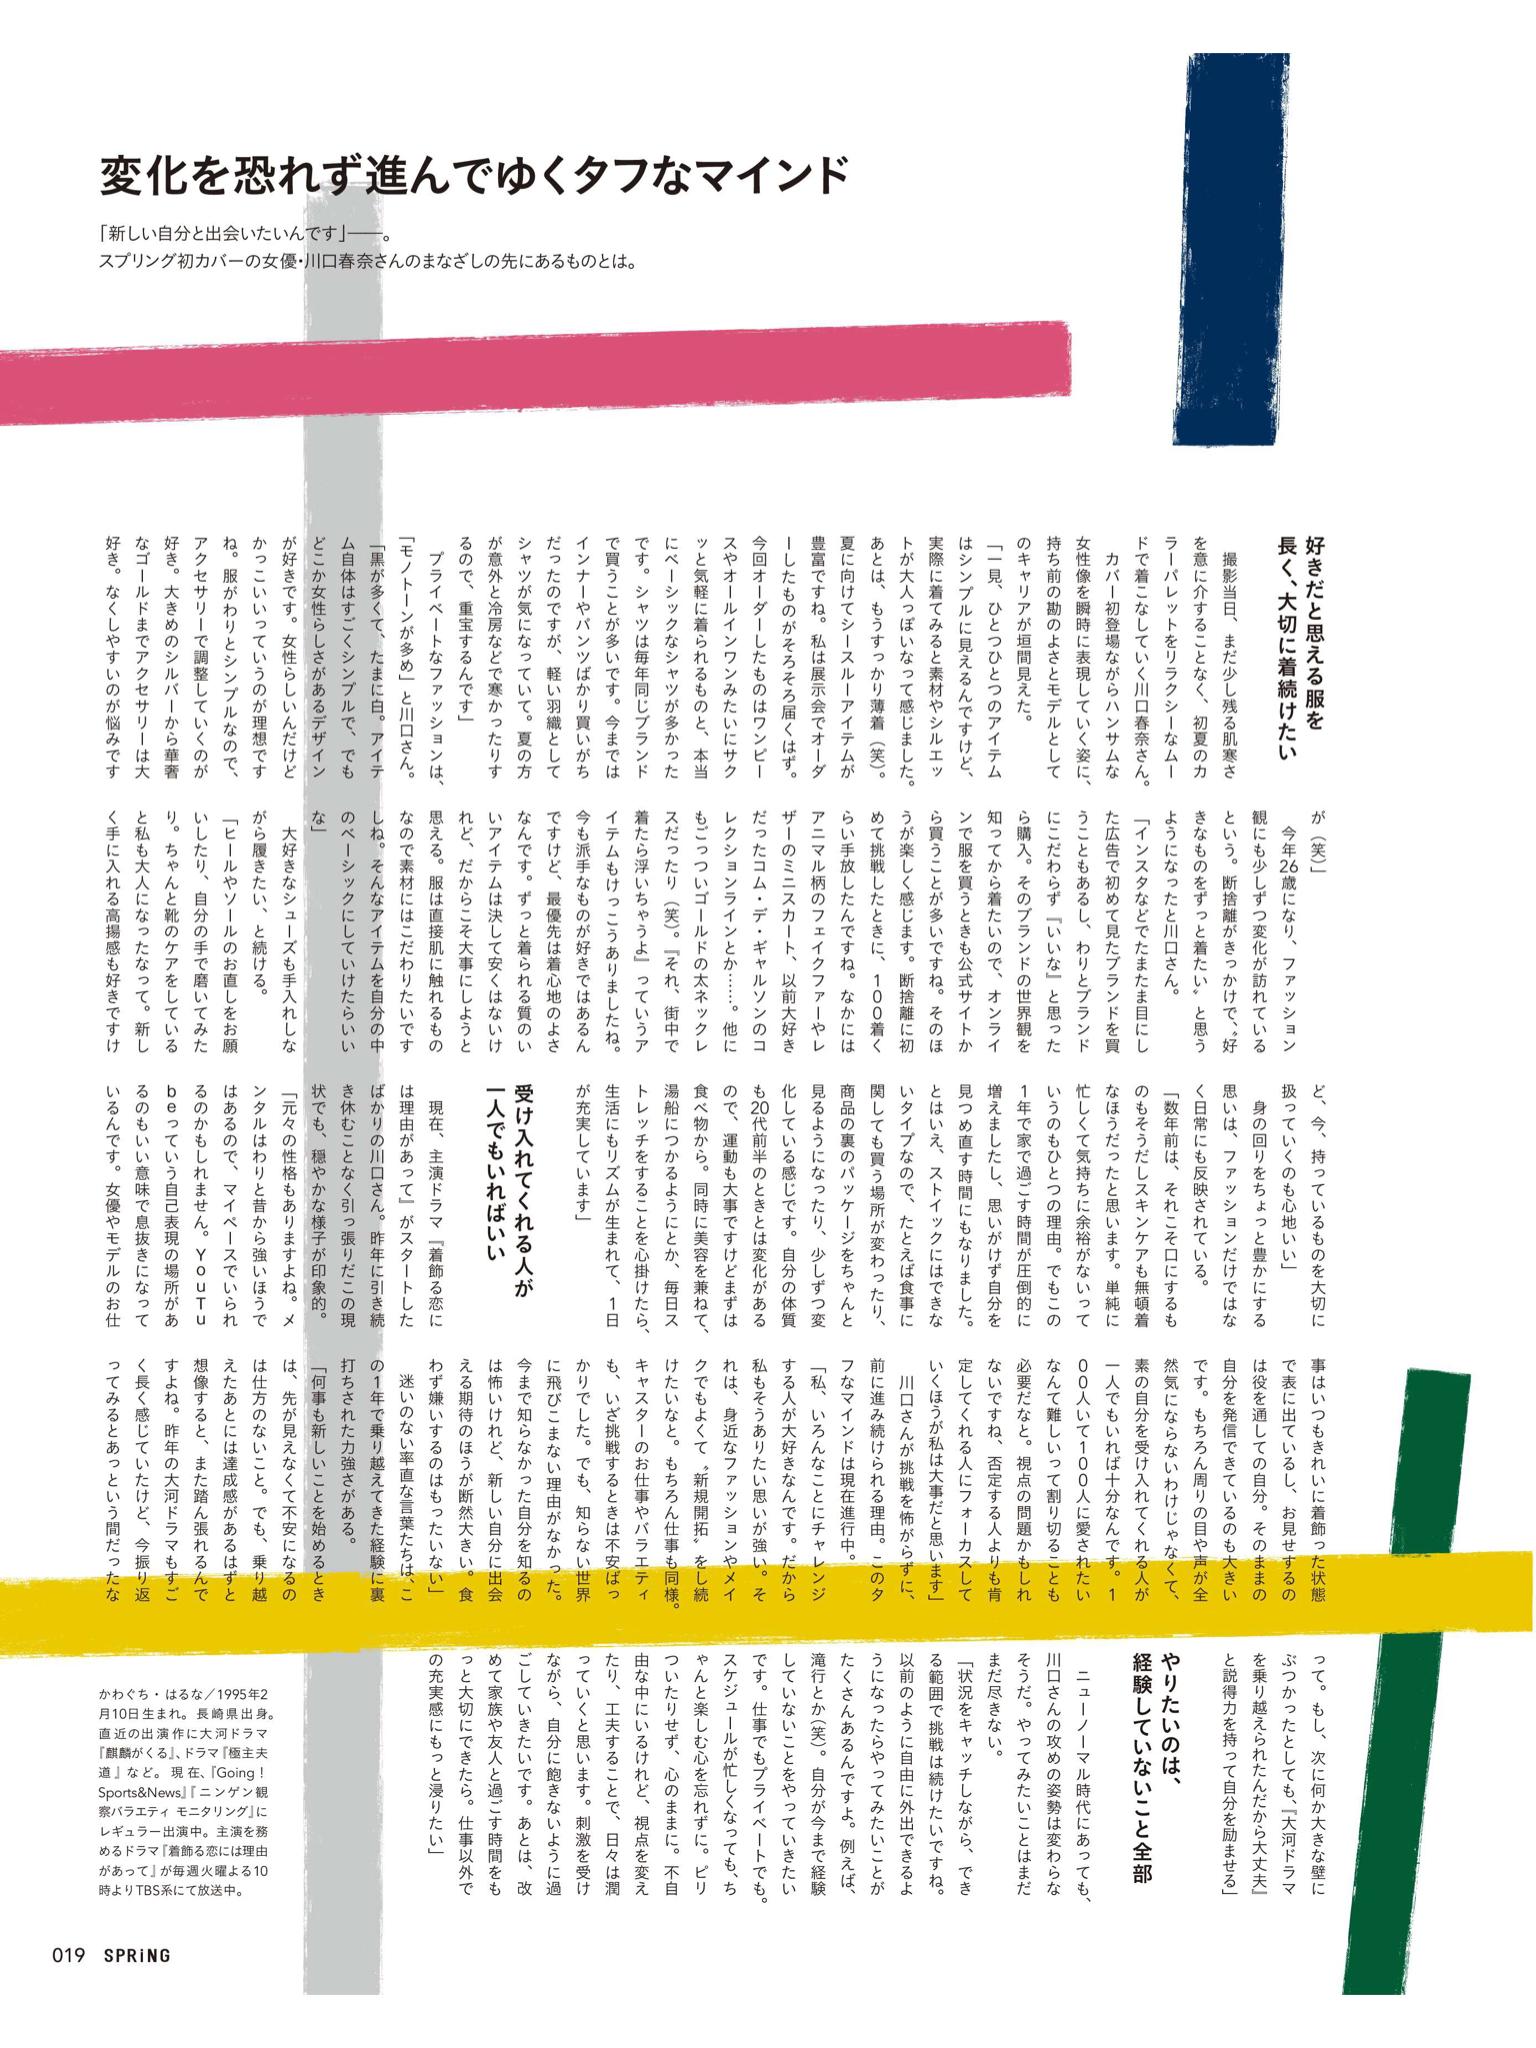 川口春奈 × 松井爱莉